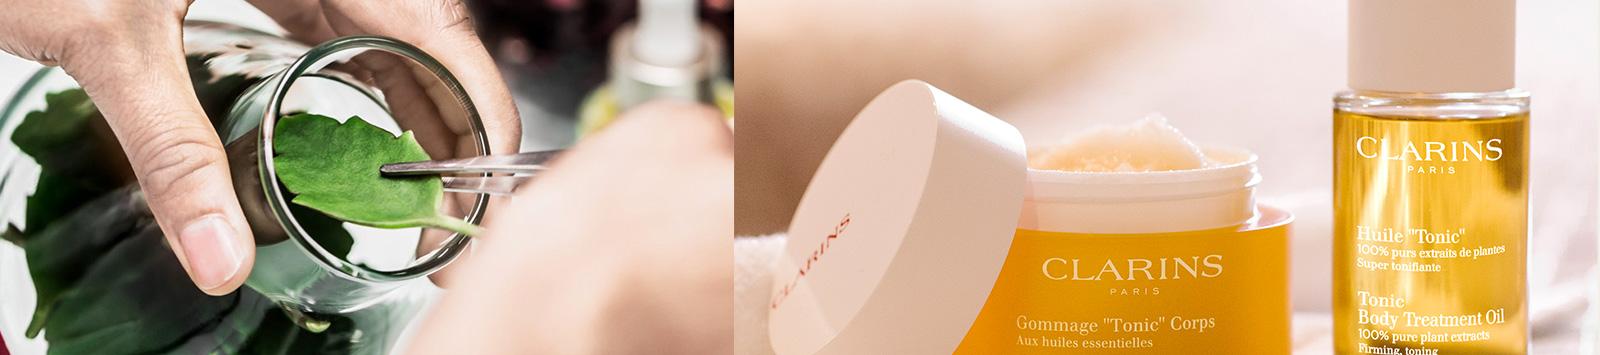 Liście w szkle laboratoryjnym, Olejek i Peeling Tonic